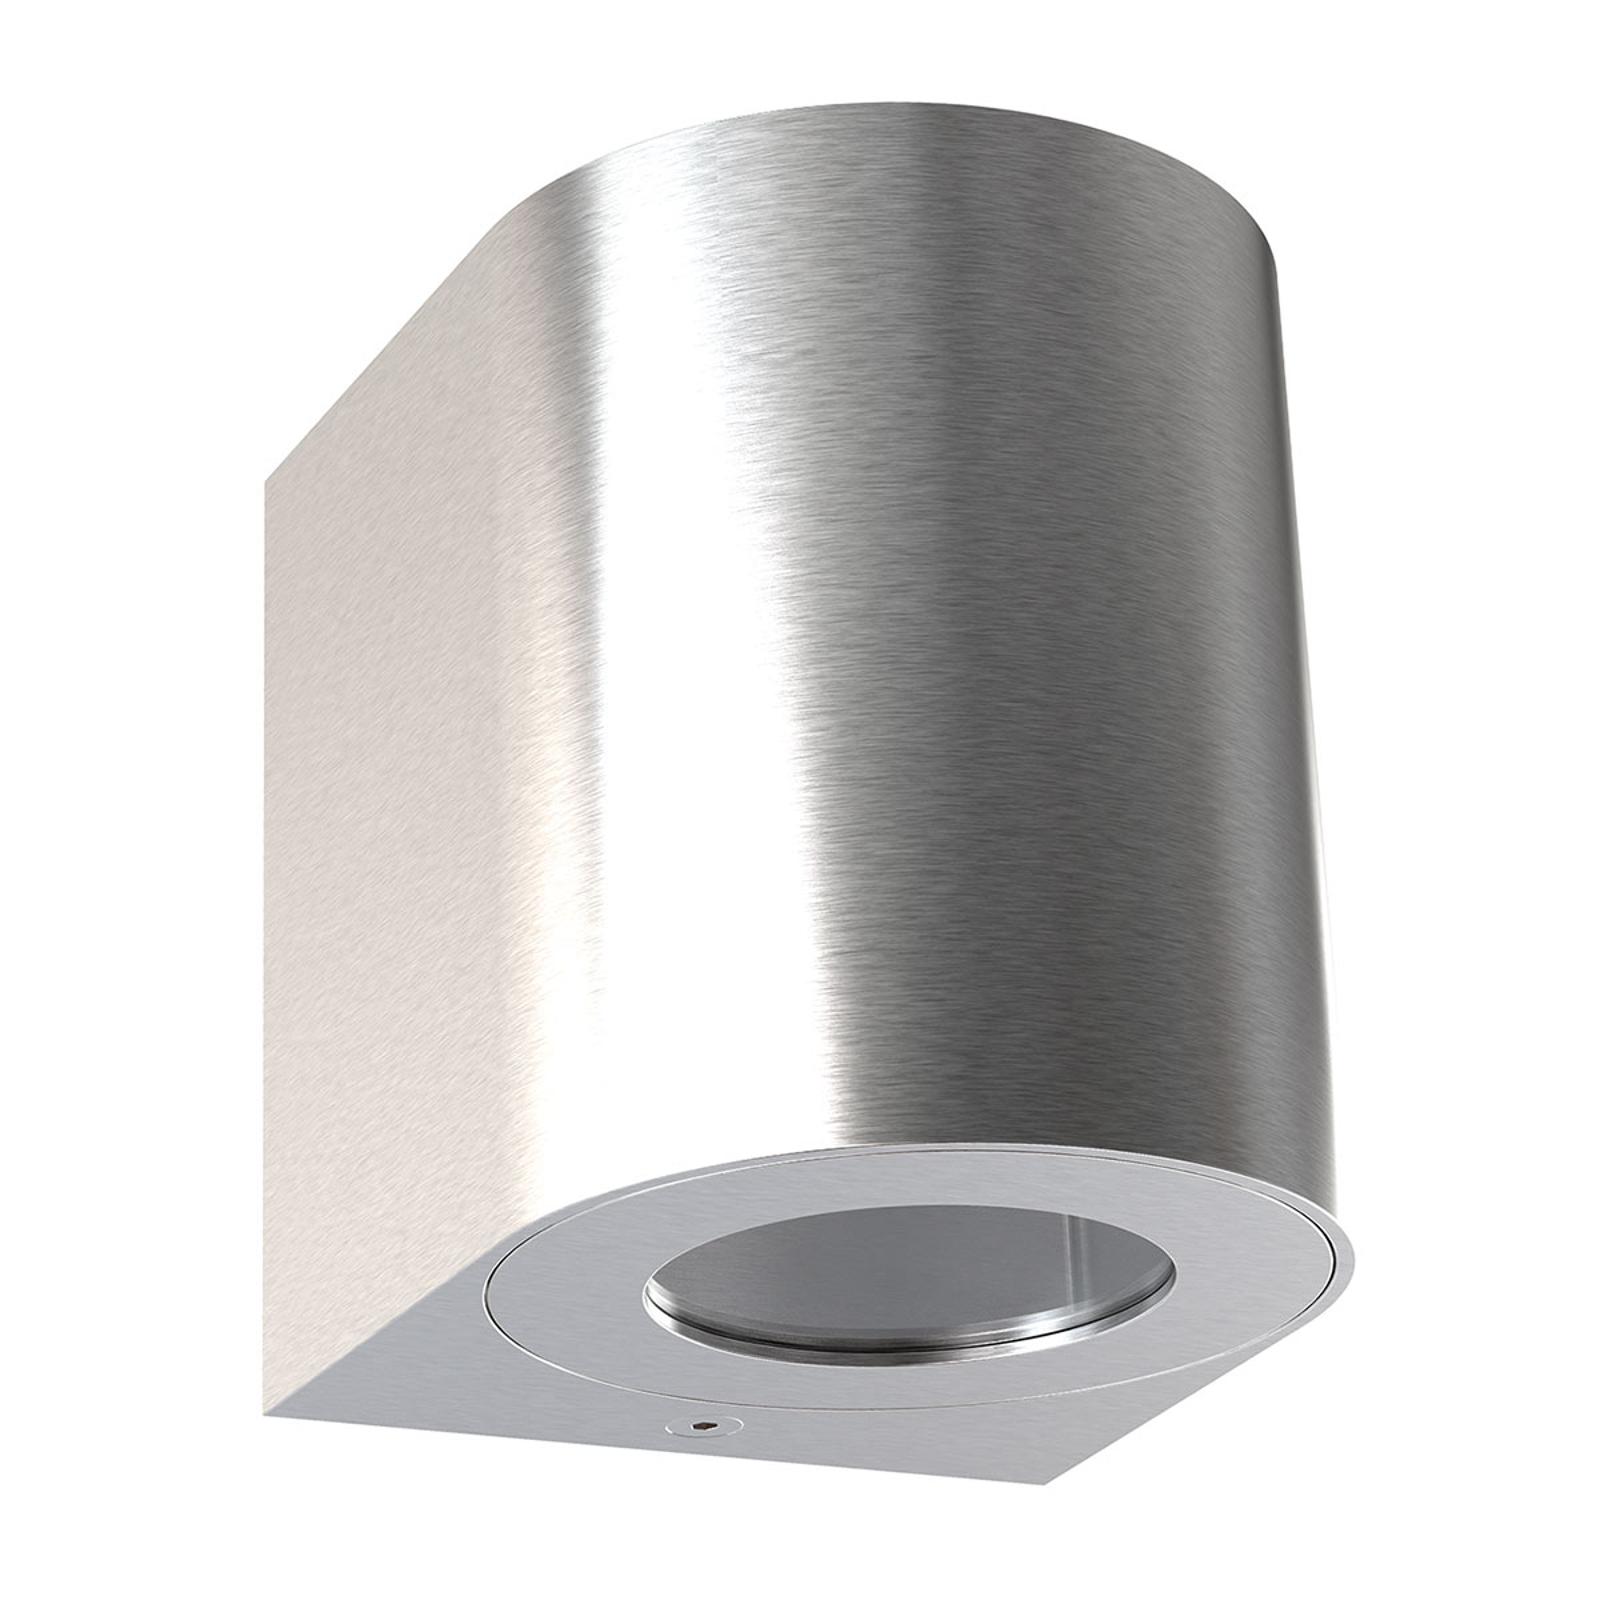 Applique d'ext. LED Canto 2, 10cm, acier inox